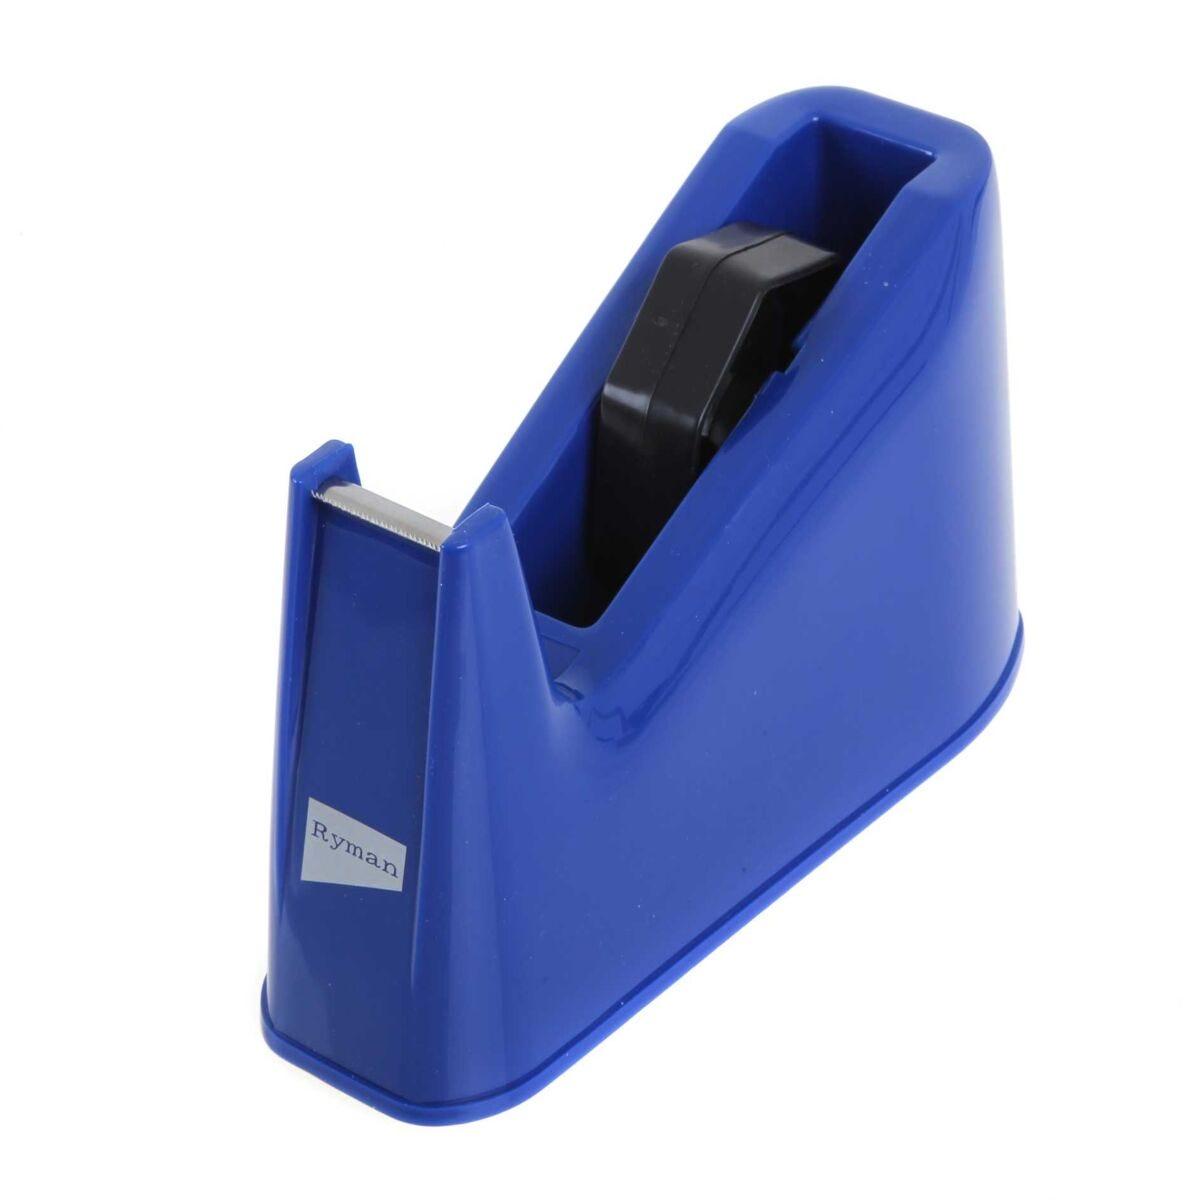 Ryman Tape Dispenser Large Blue